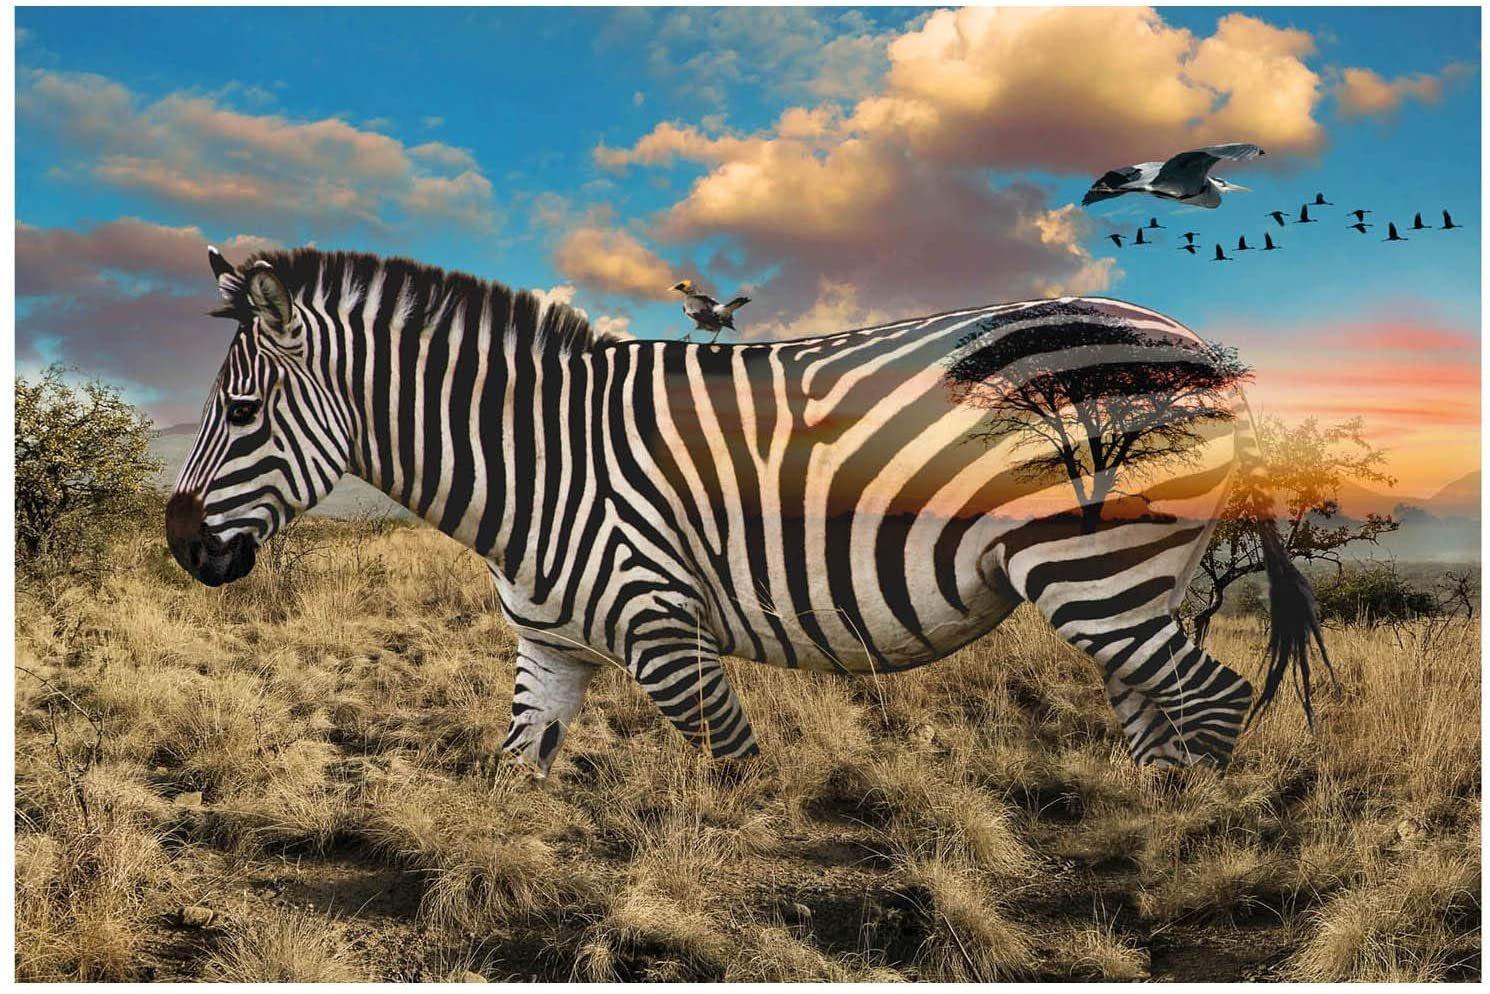 Call of the Wild Zebra Panel